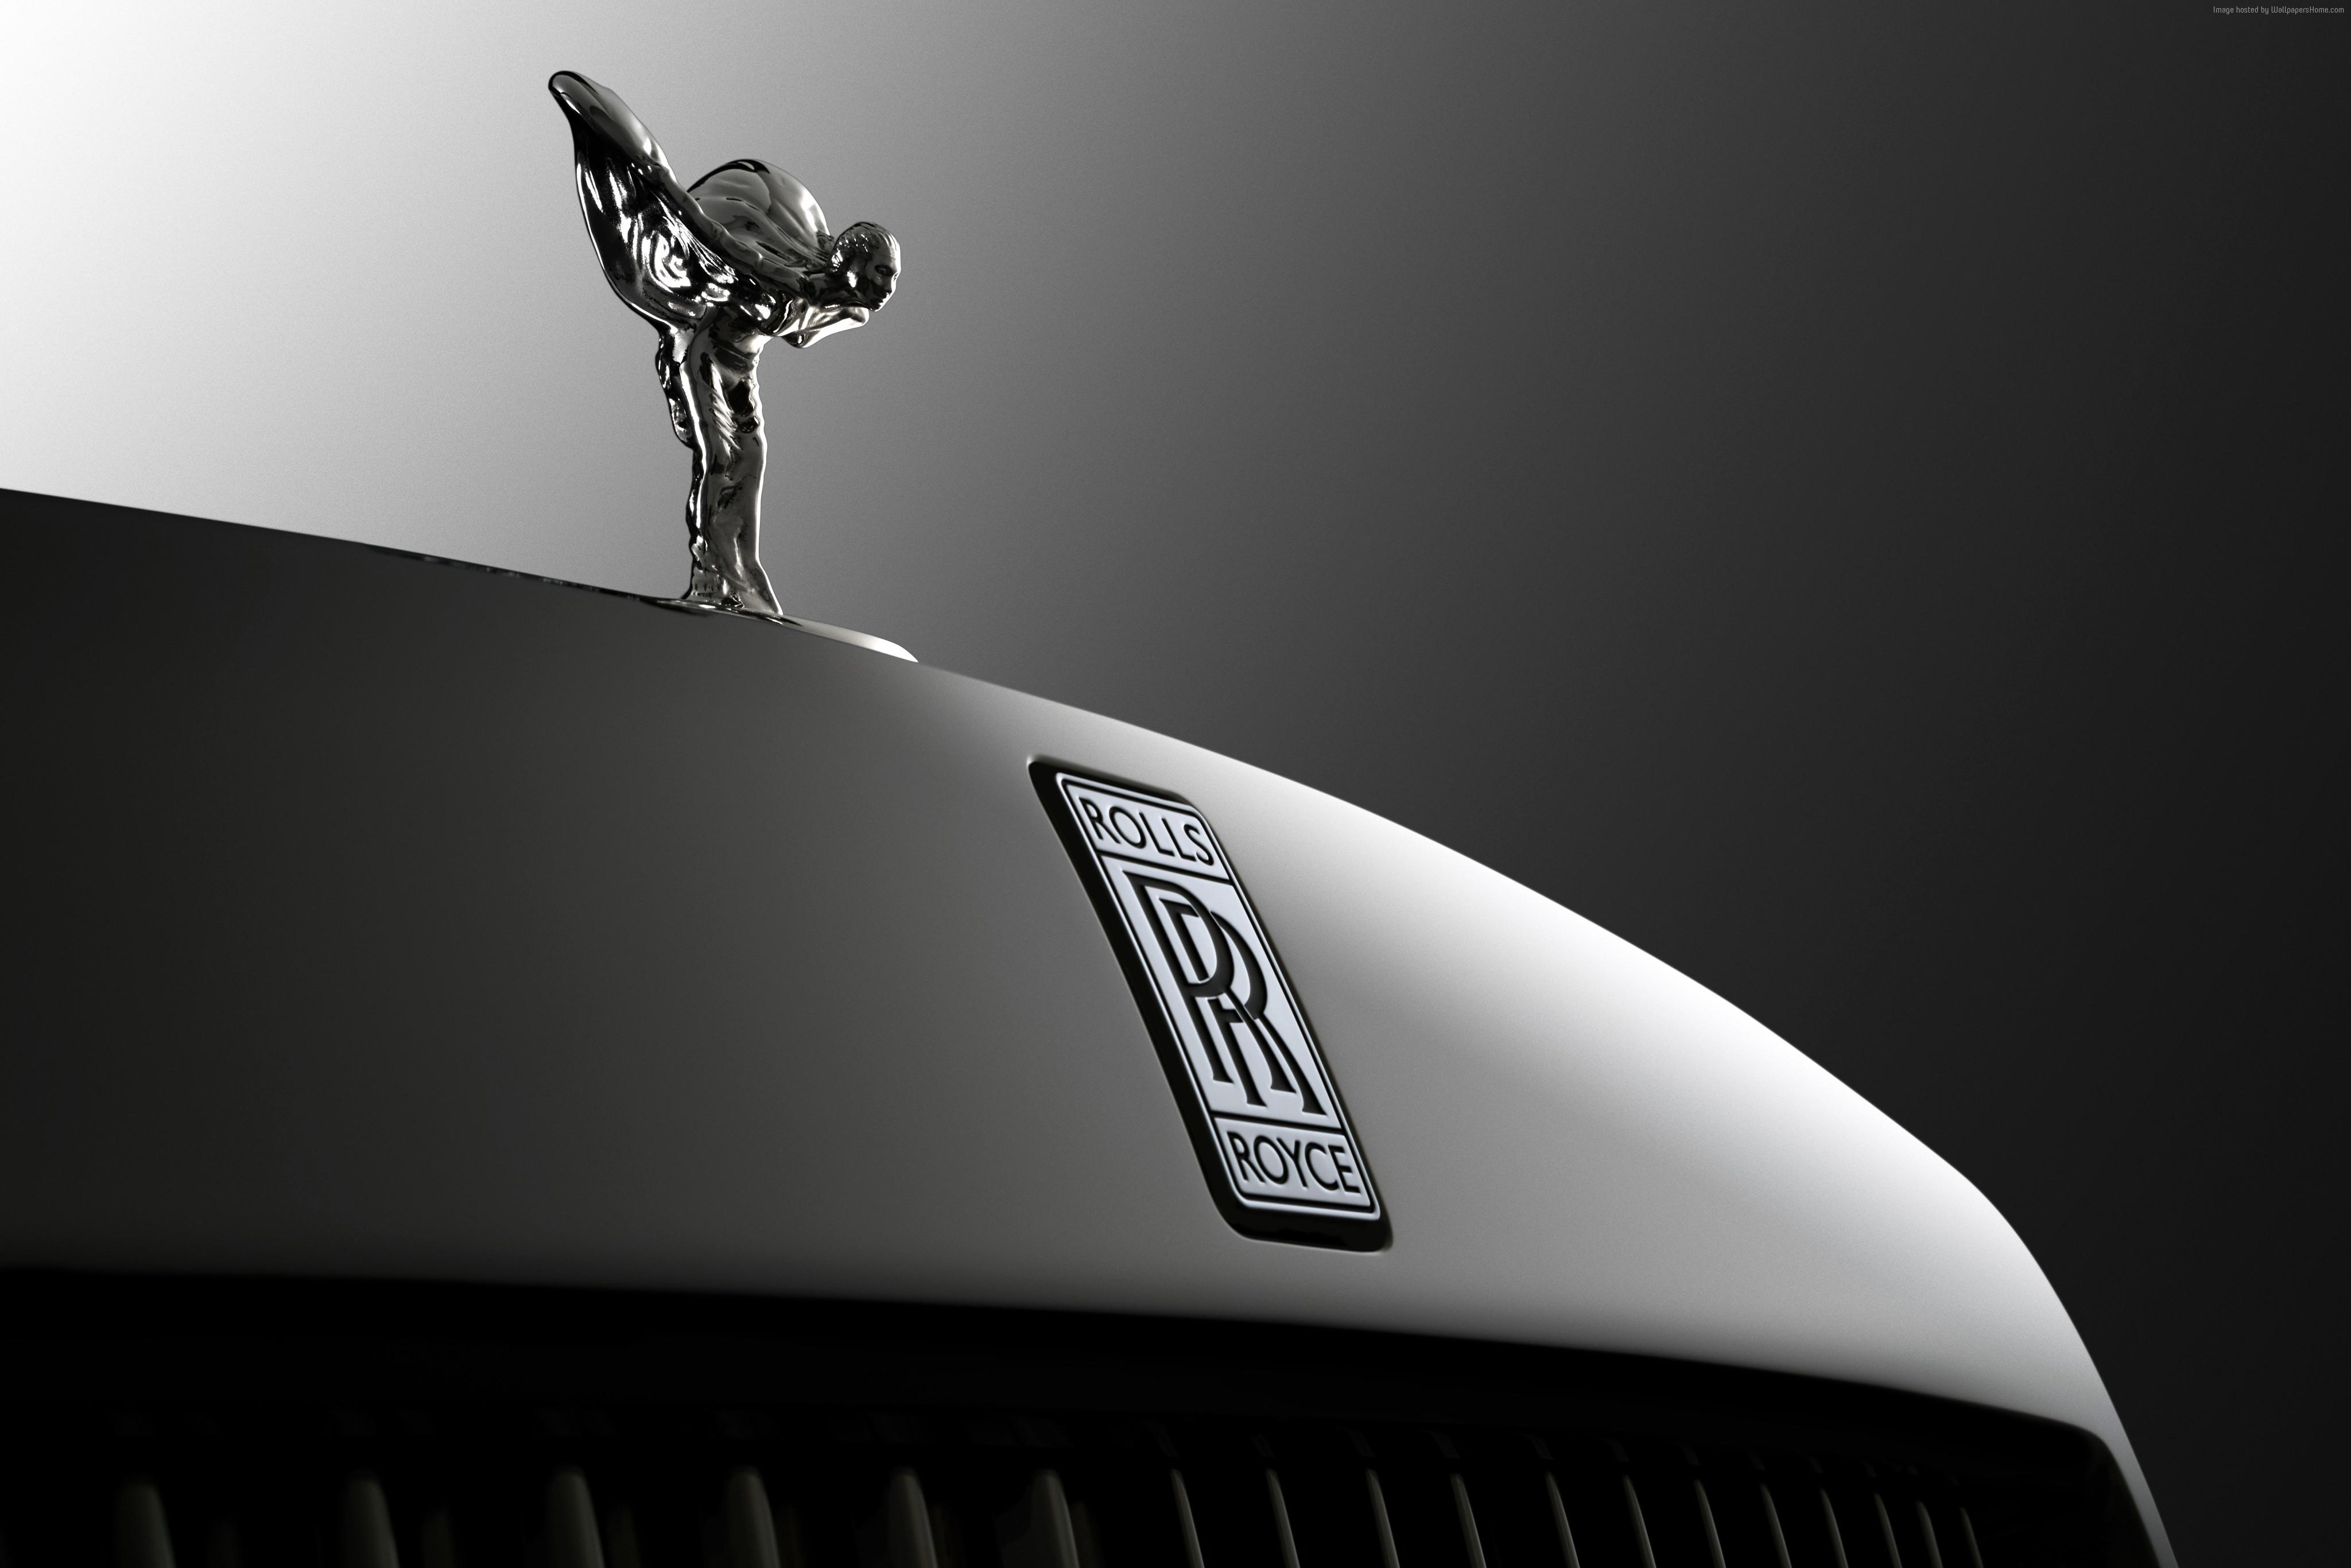 Rolls Royce Phantom 4k Wallpaper Black Rolls Royce Pc 3054511 Hd Wallpaper Backgrounds Download